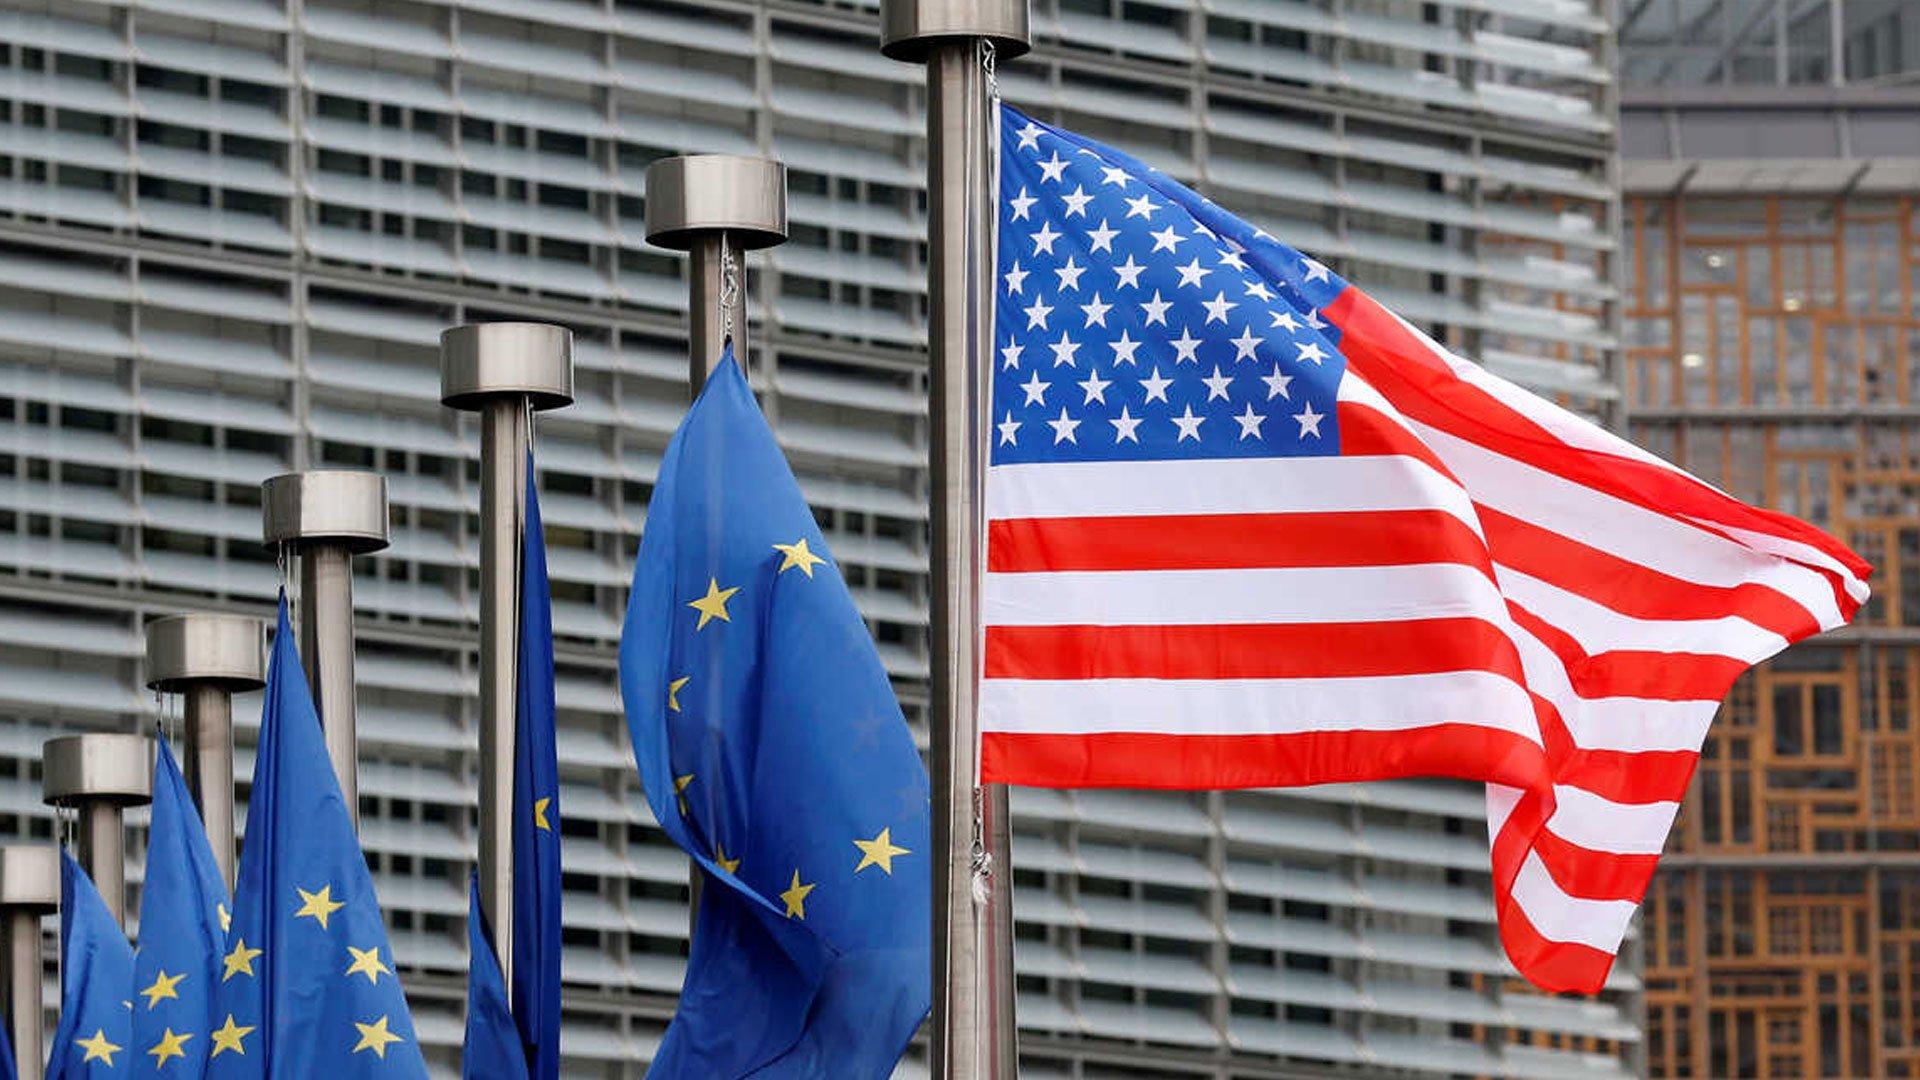 الاتحاد الاوروبي - امريكا